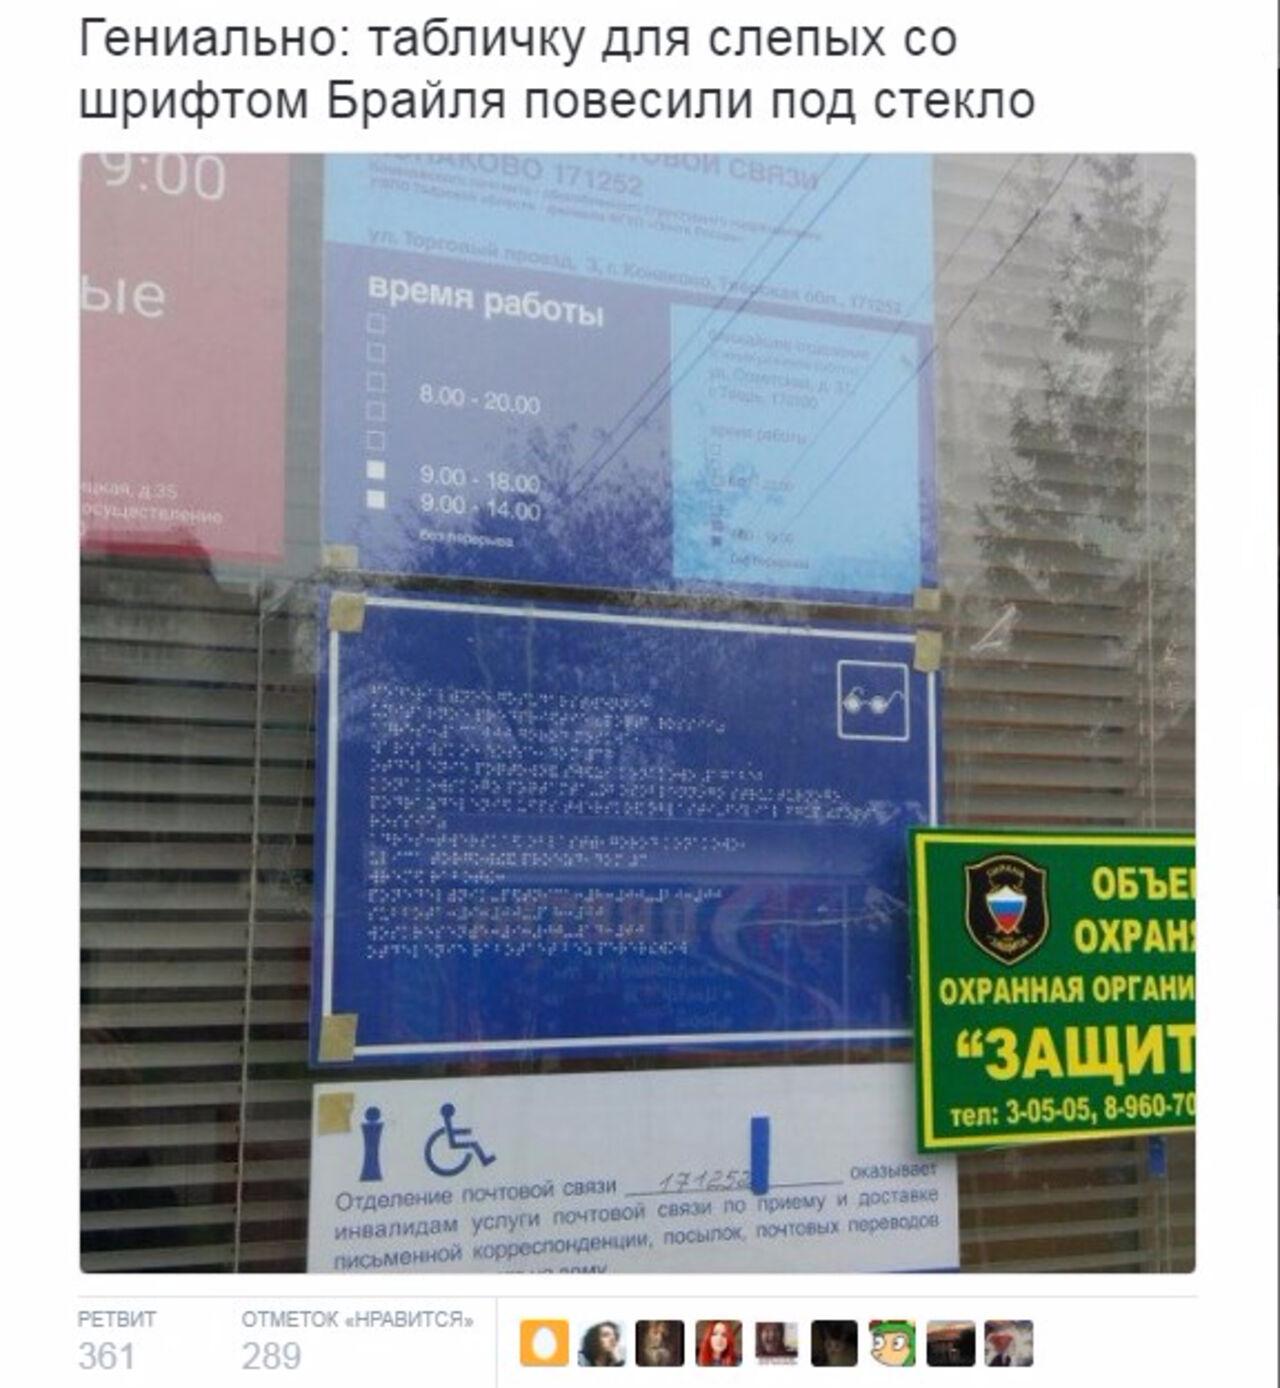 Табличку для слепых повесили застеклом вотделении «Почты России»